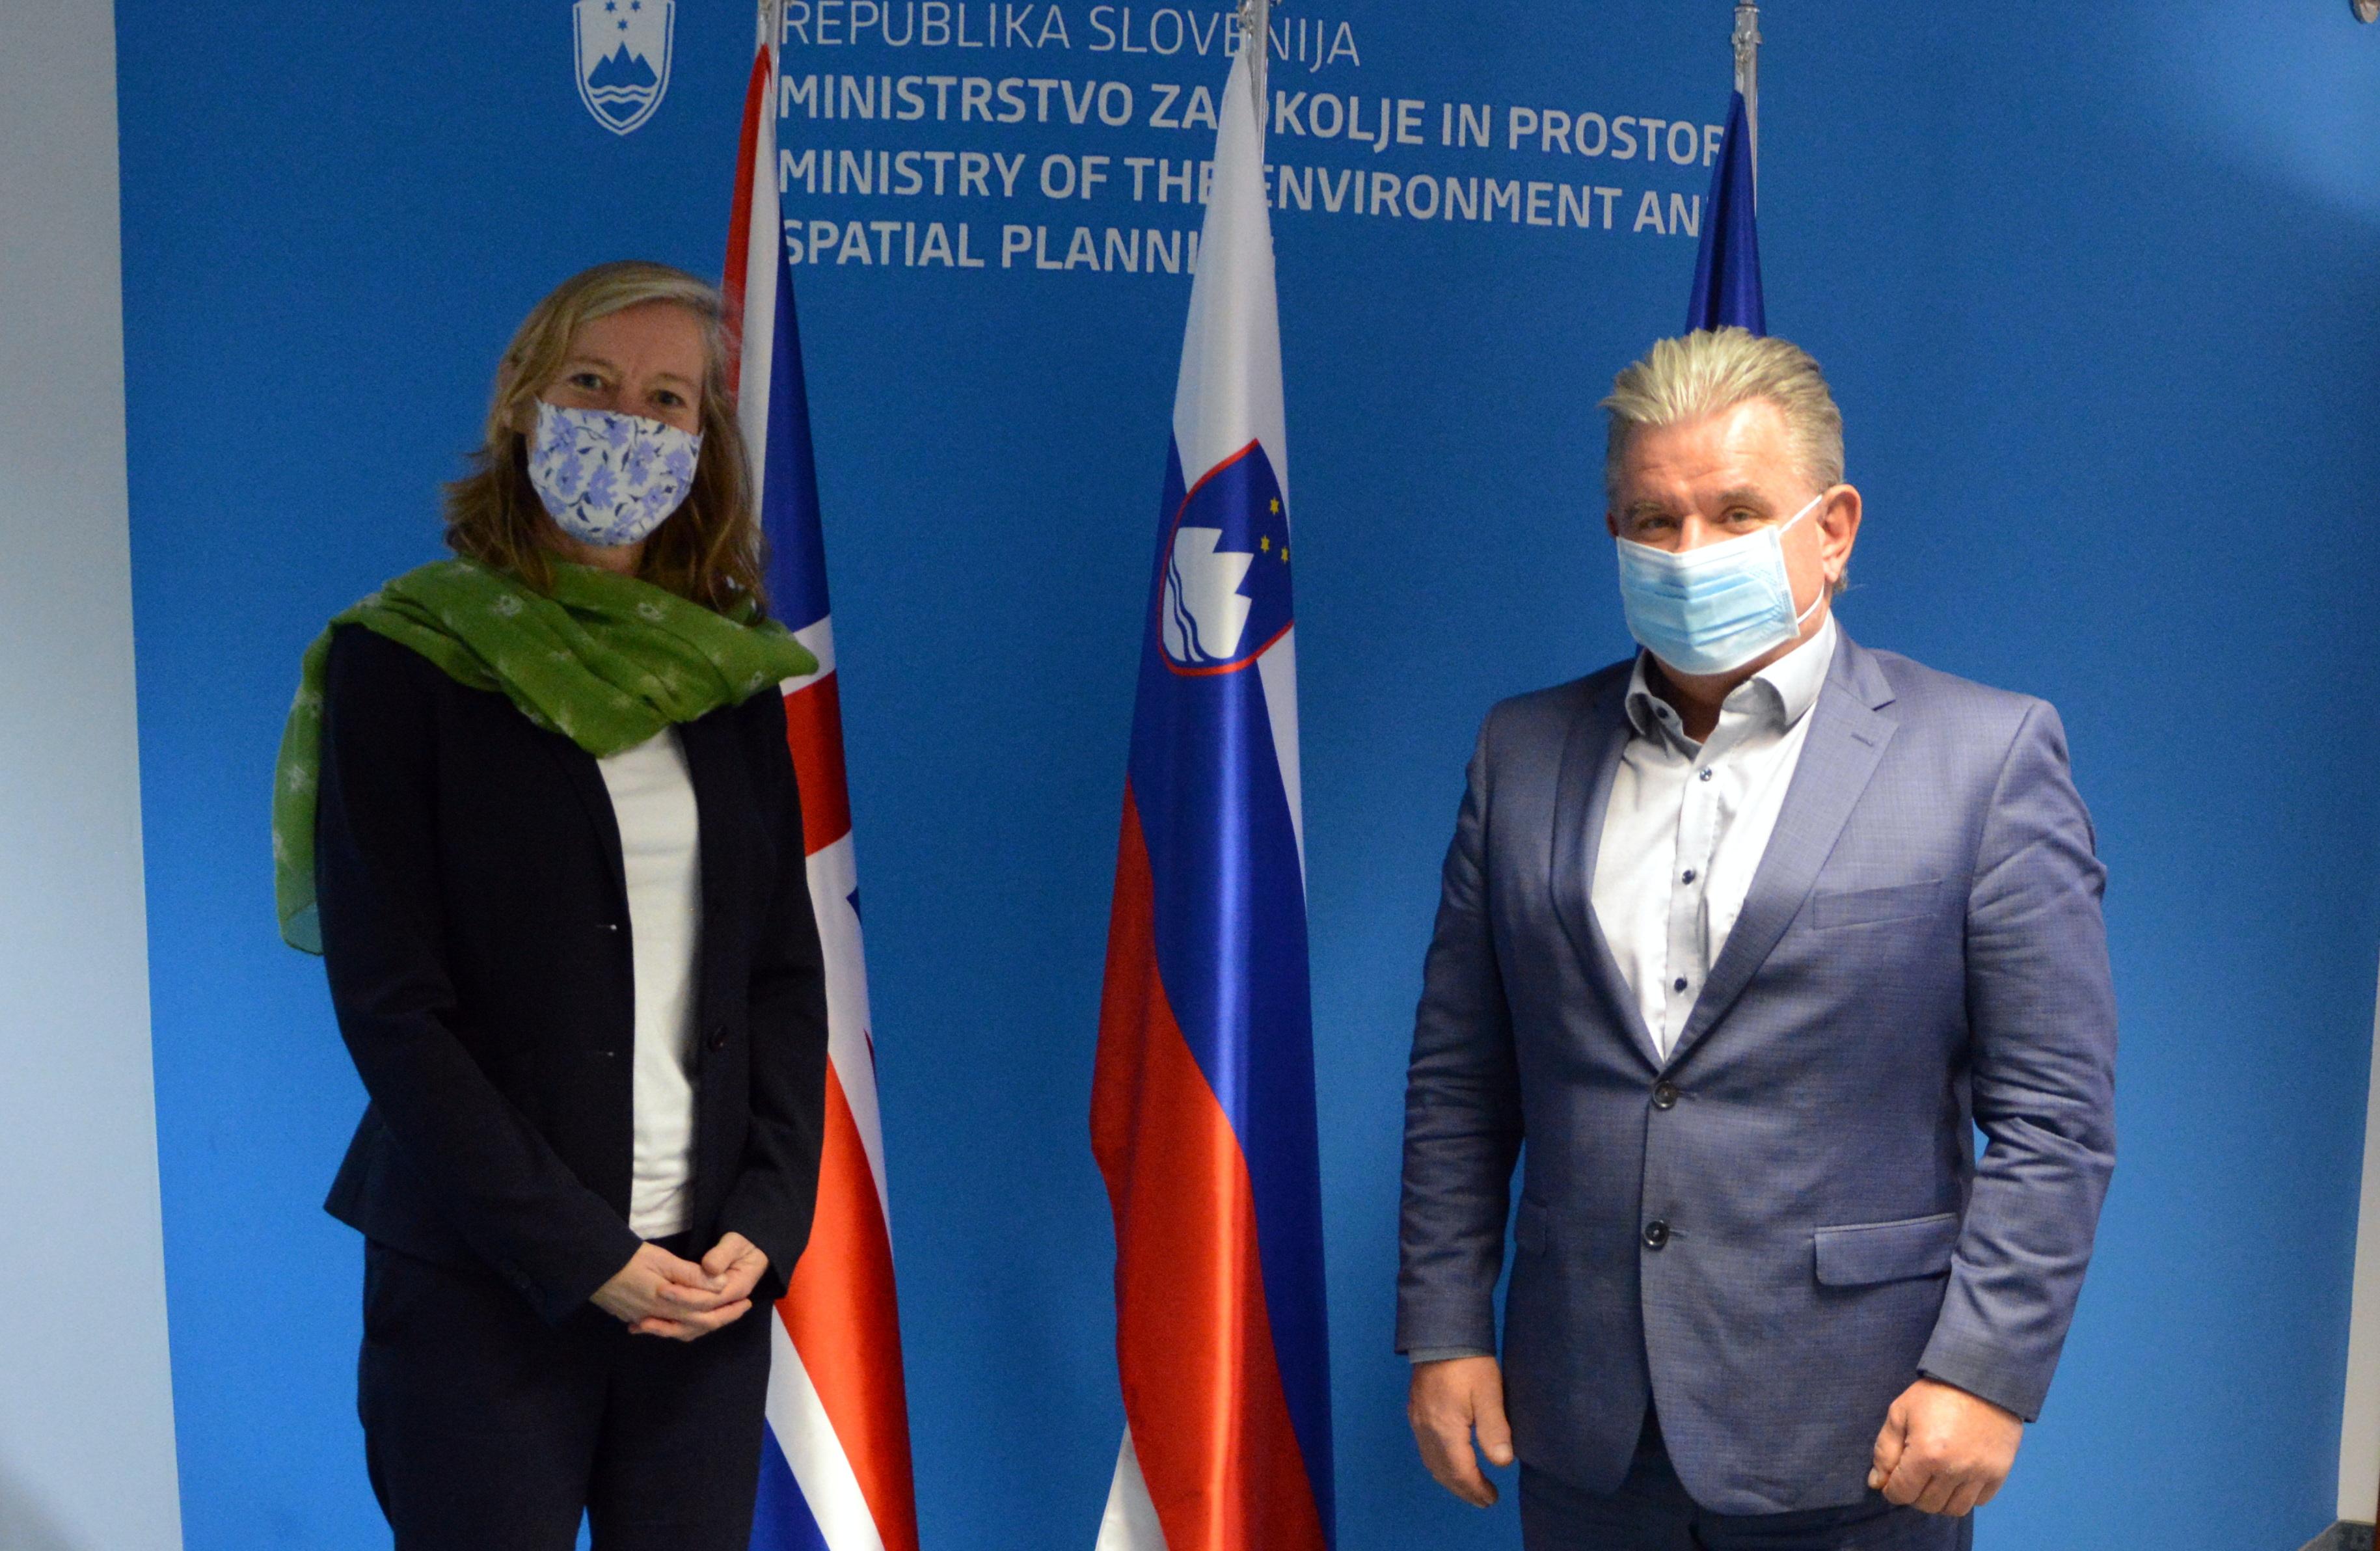 Minister mag. Andrej Vizjak in veleposlanica, nj. eksc. Tiffany Sadler | Avtor Luka Jesenšek